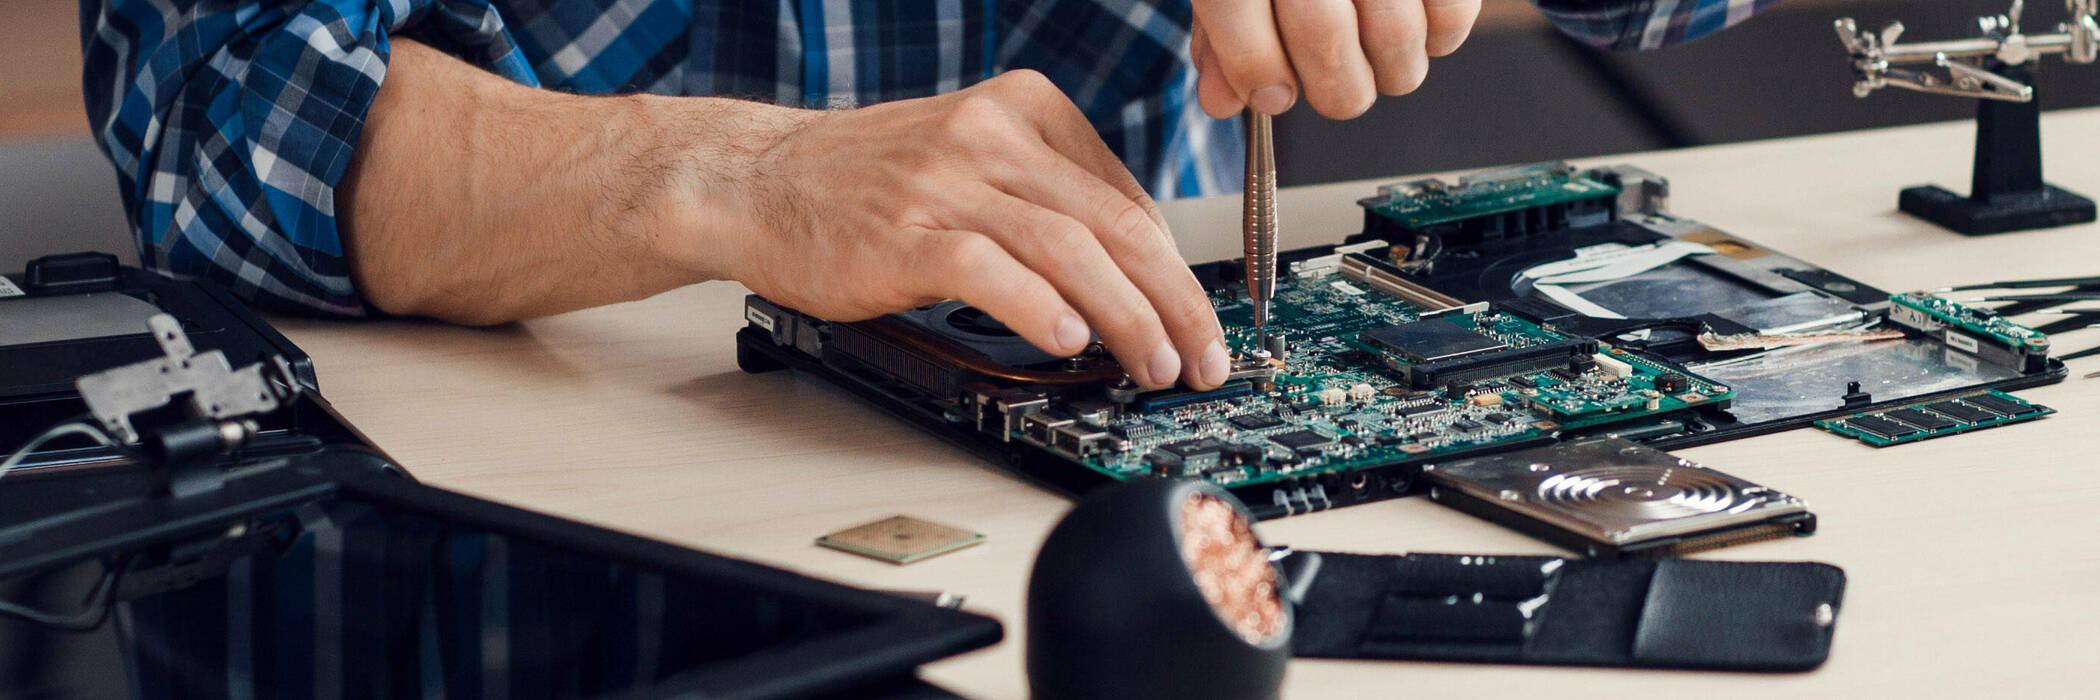 man repairing a laptop